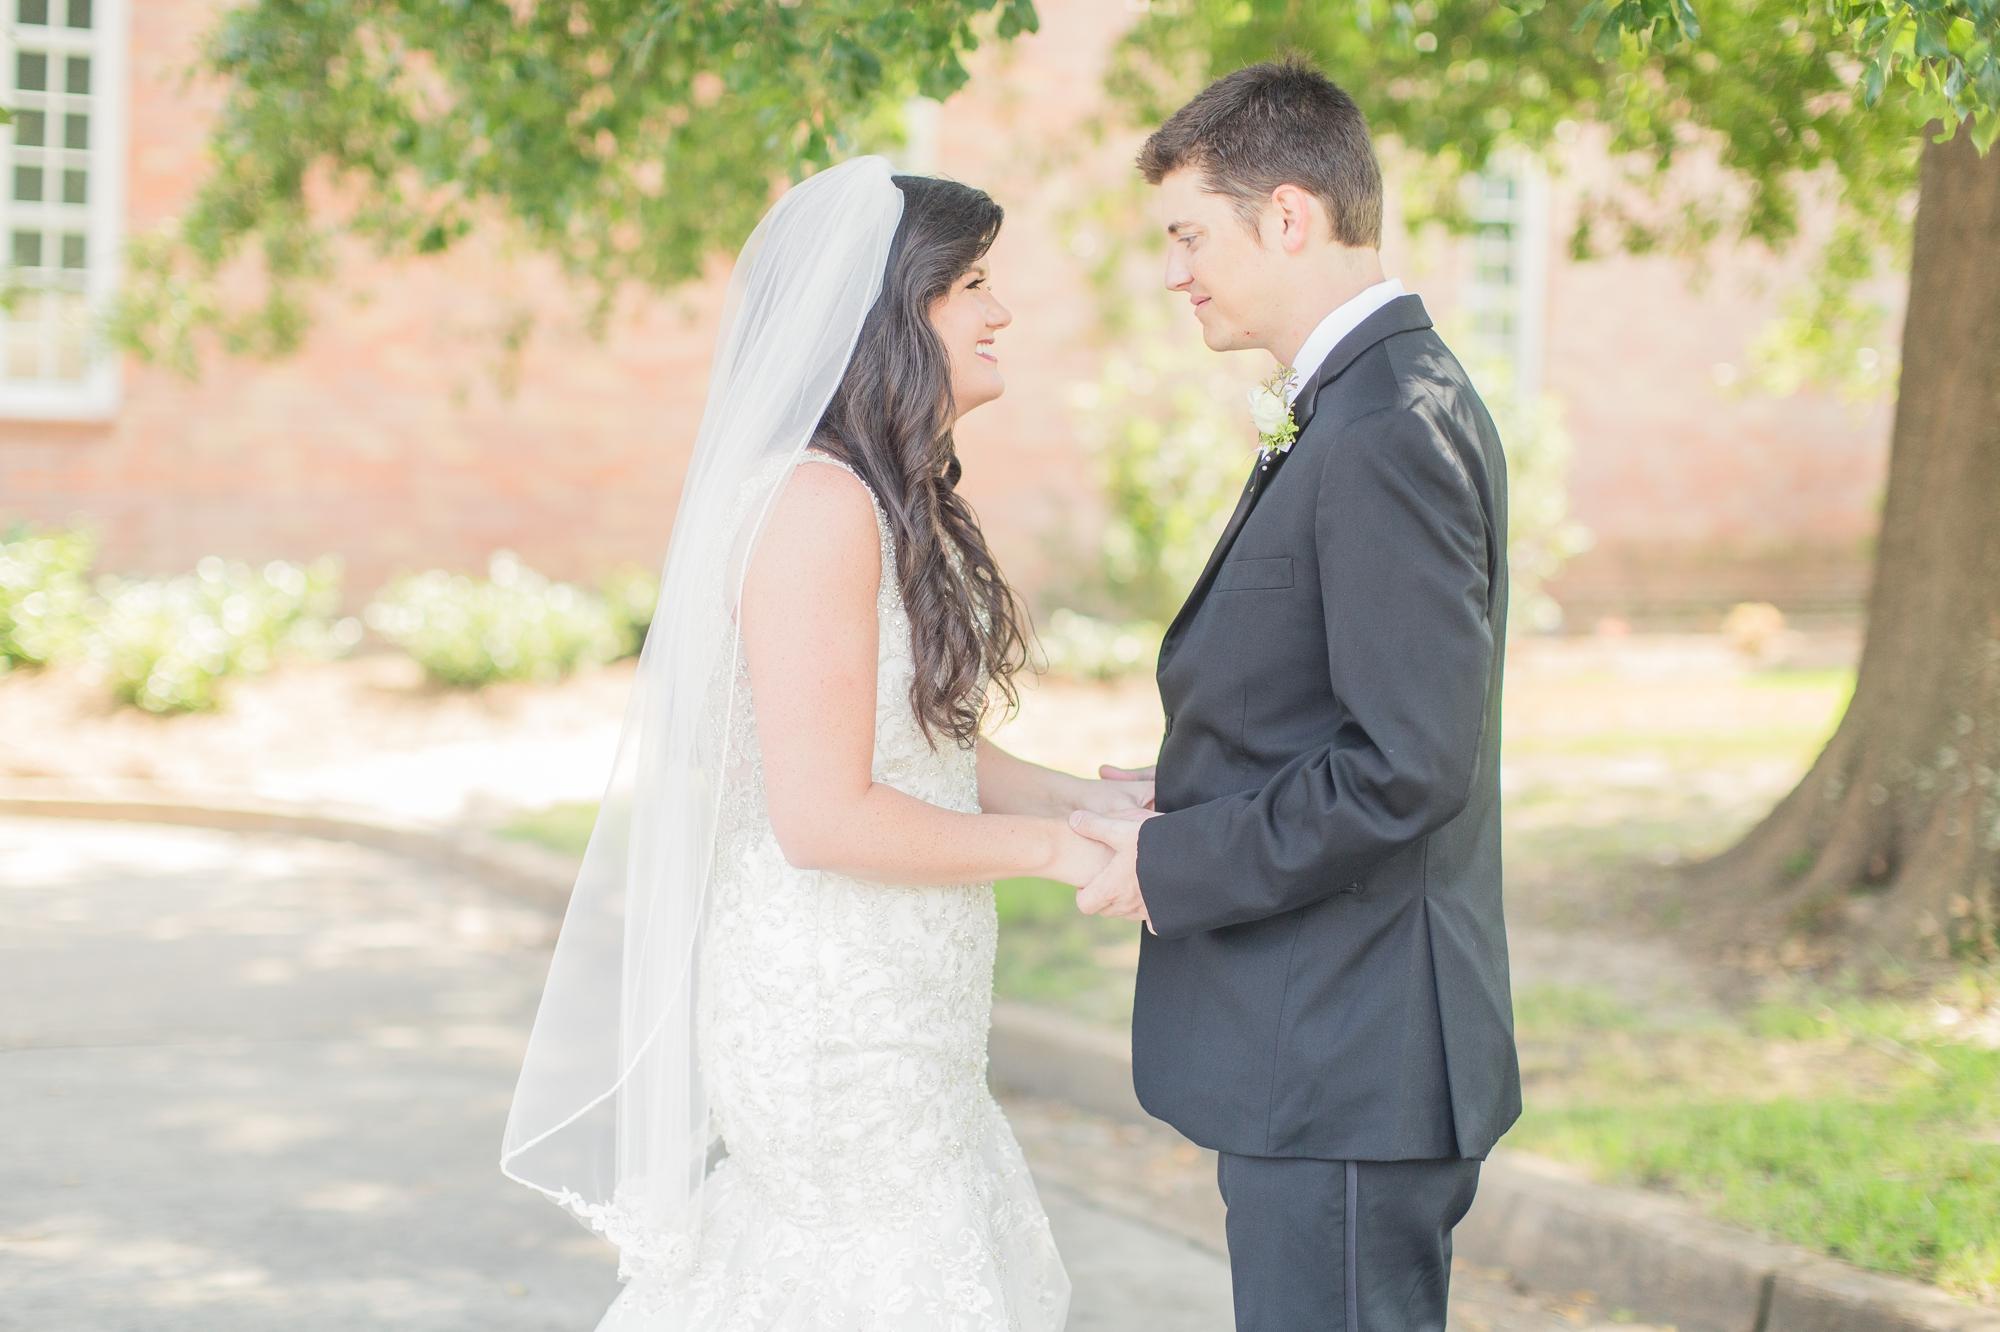 philadelphia-mississippi-summer-wedding 21.jpg